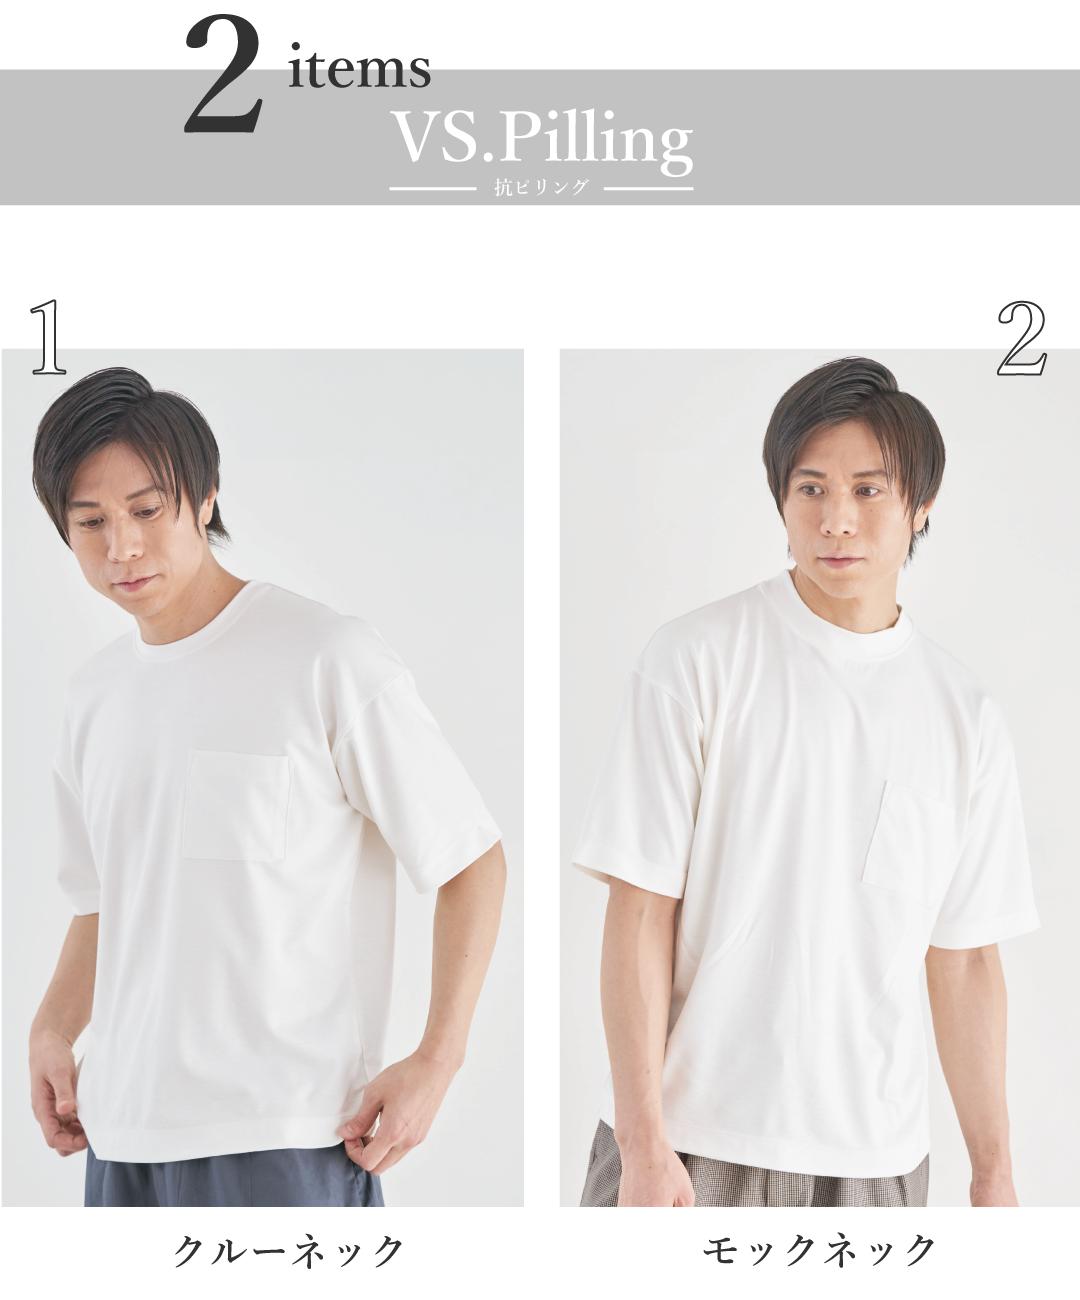 毛玉になりにくい 白Tシャツバリエーション